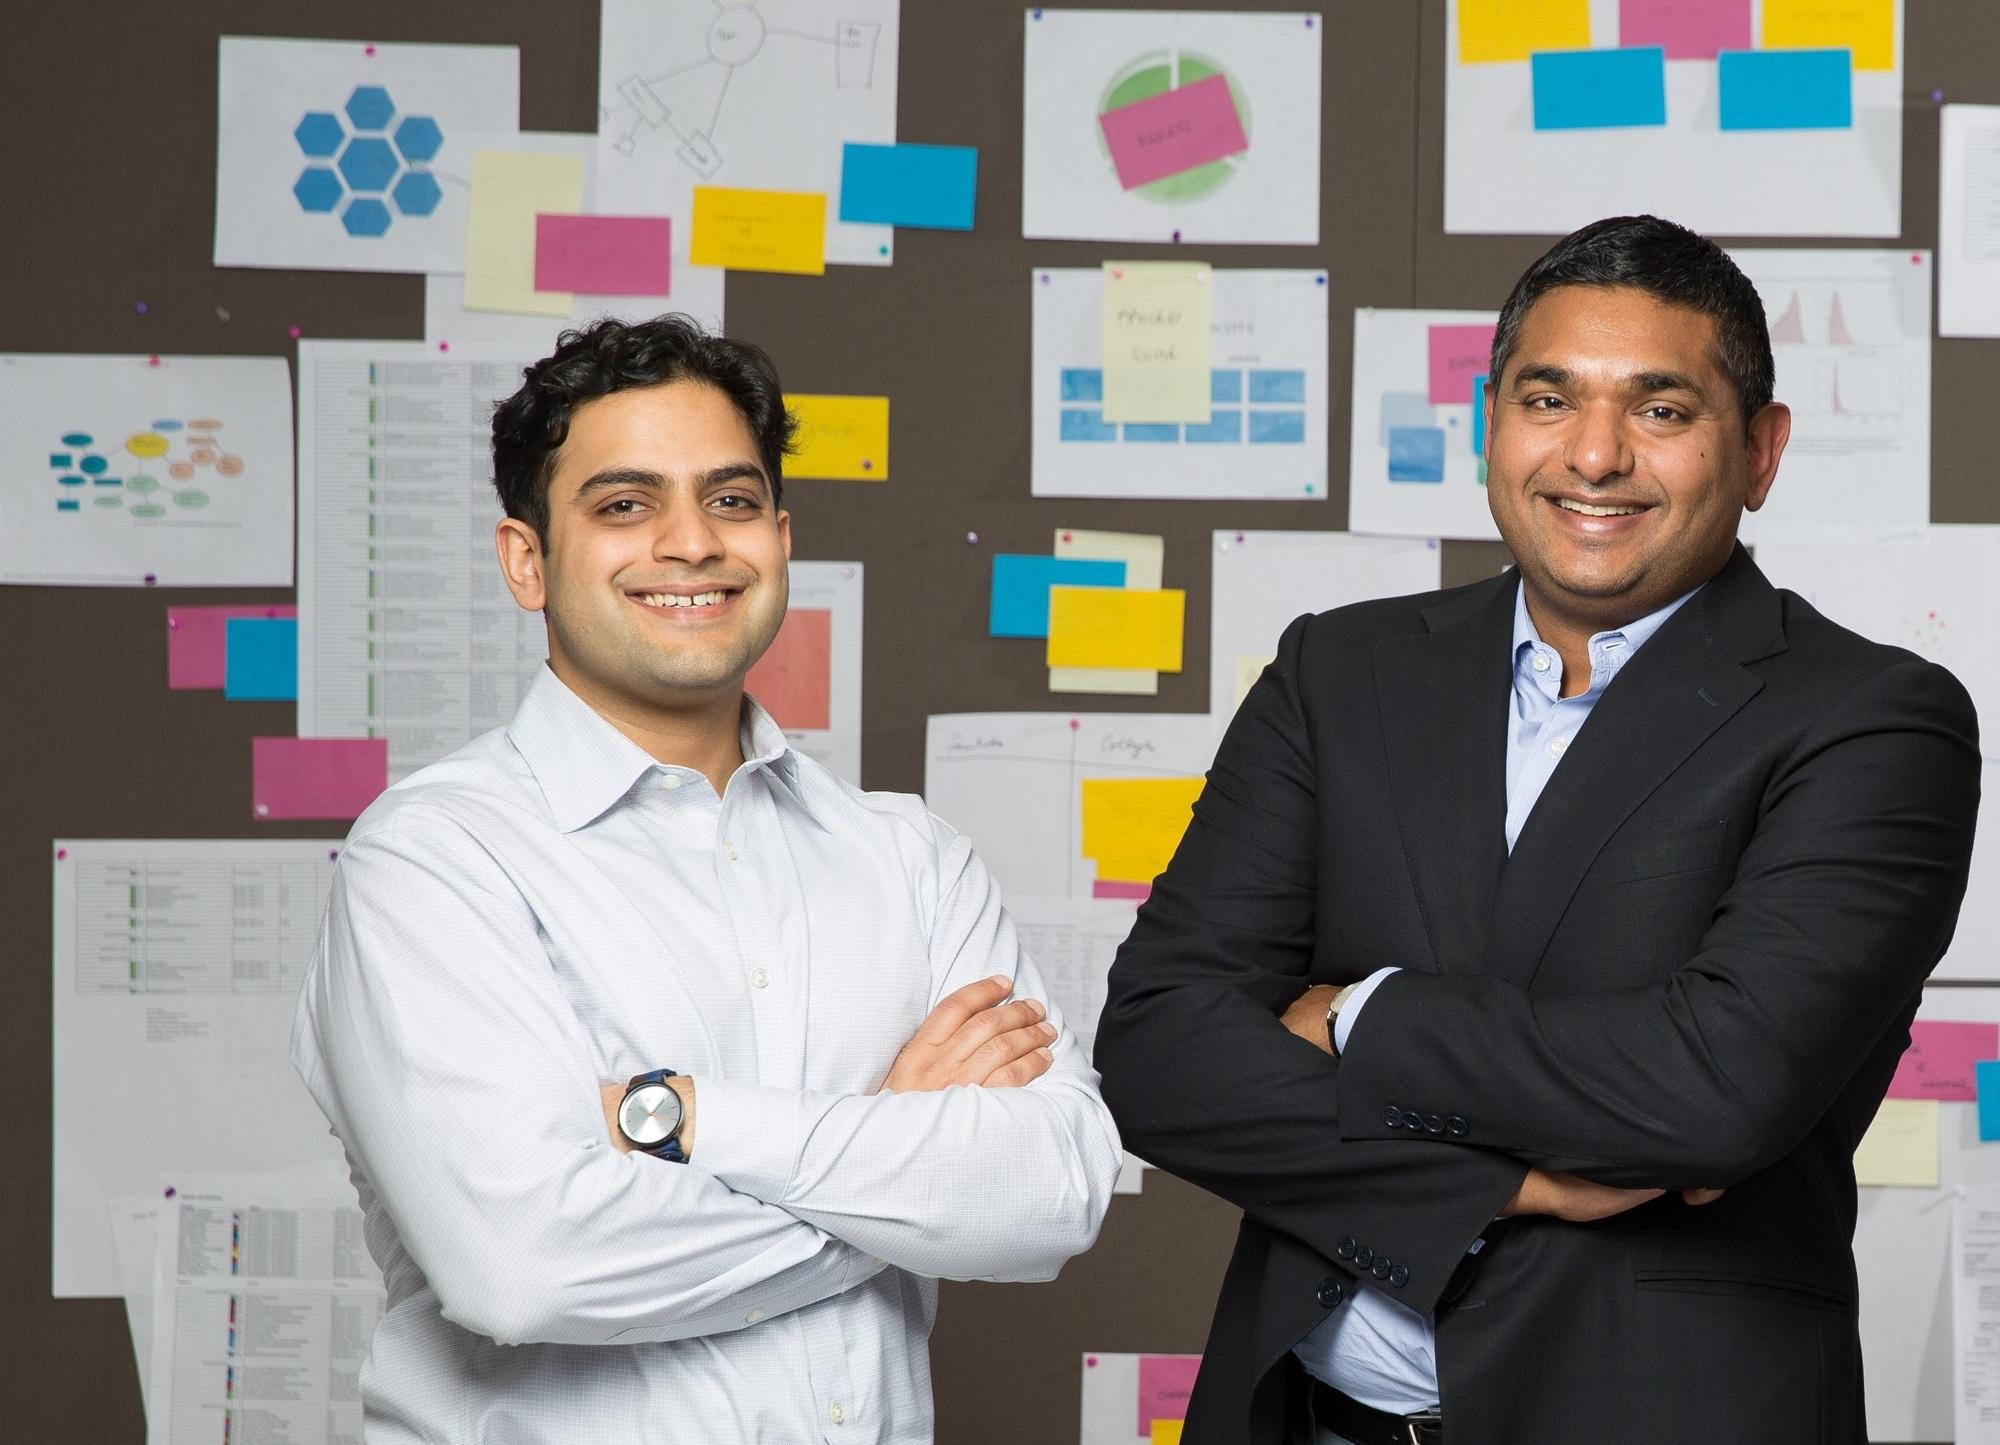 Amol Verma and Fahad Razak